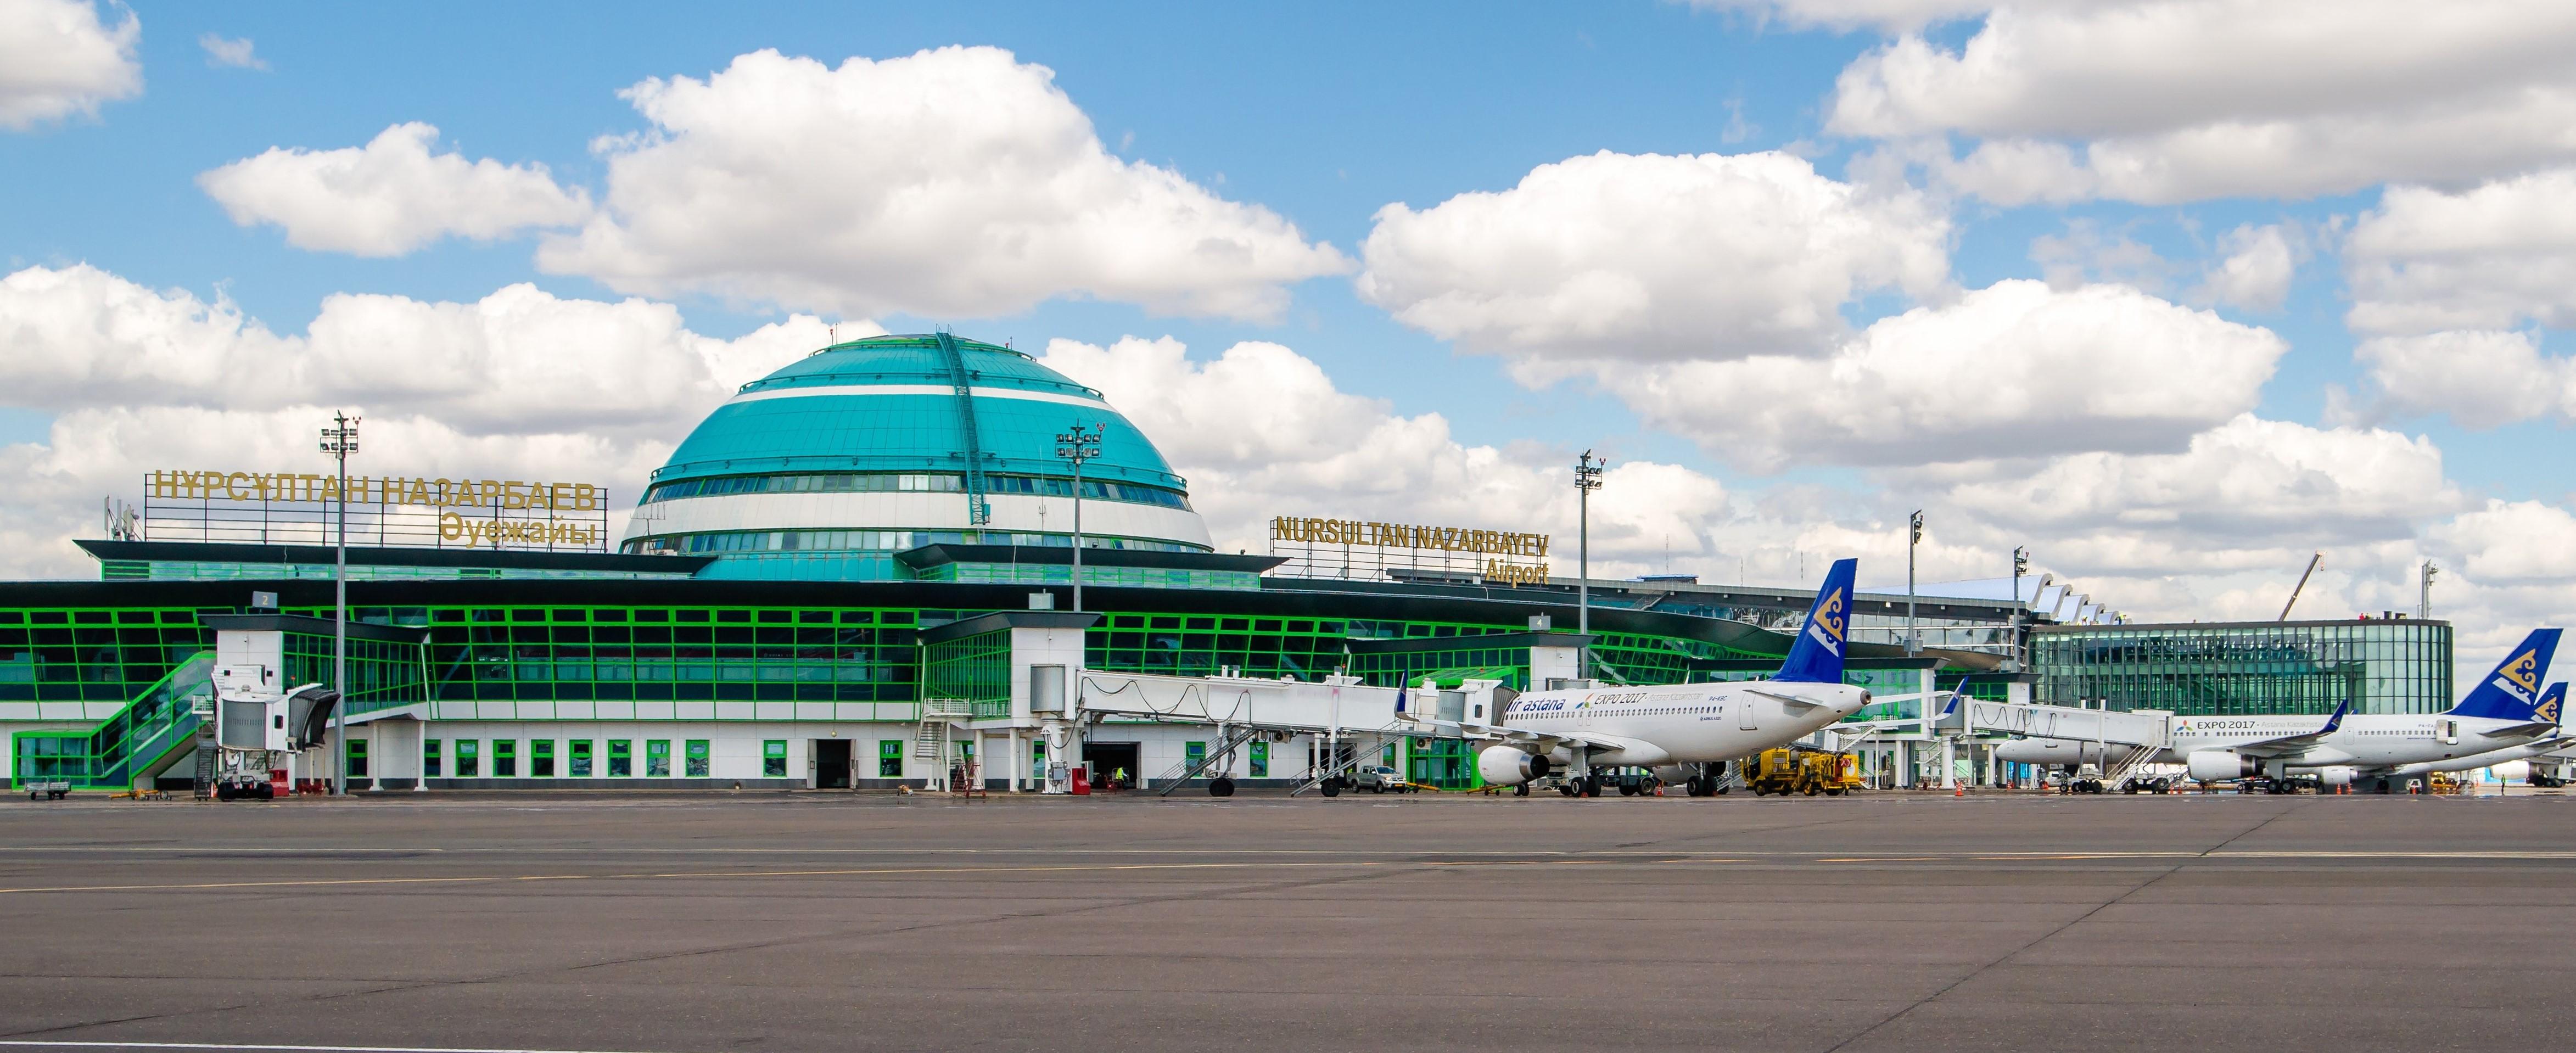 Аэропорт Нурсултан Назарбаев в I квартале обслужил более 6,5 тысячи рейсов